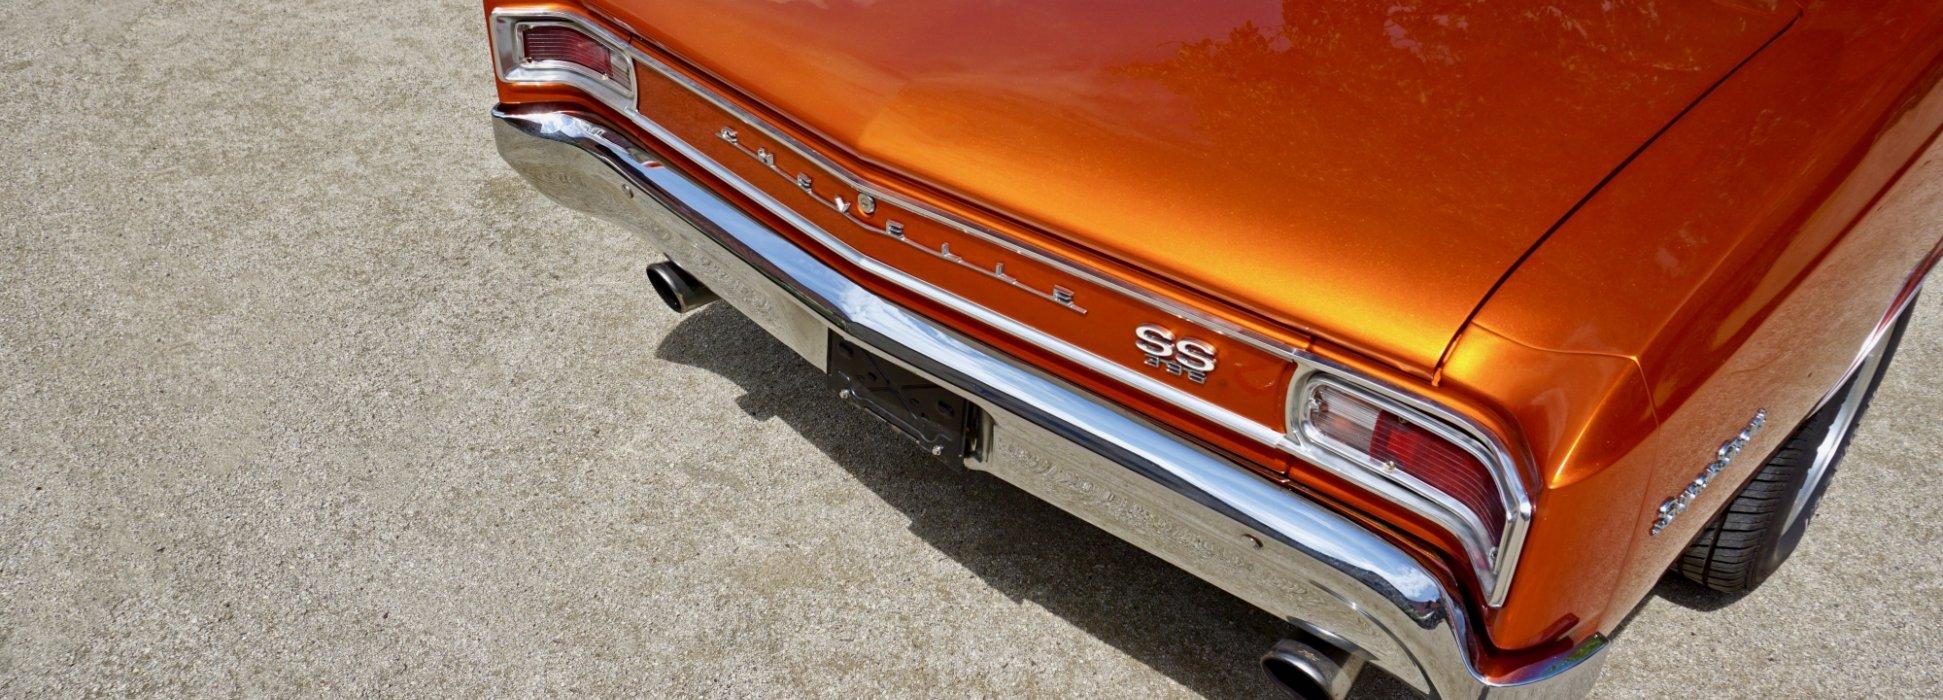 Chevrolet Chevelle Malibu SS 1